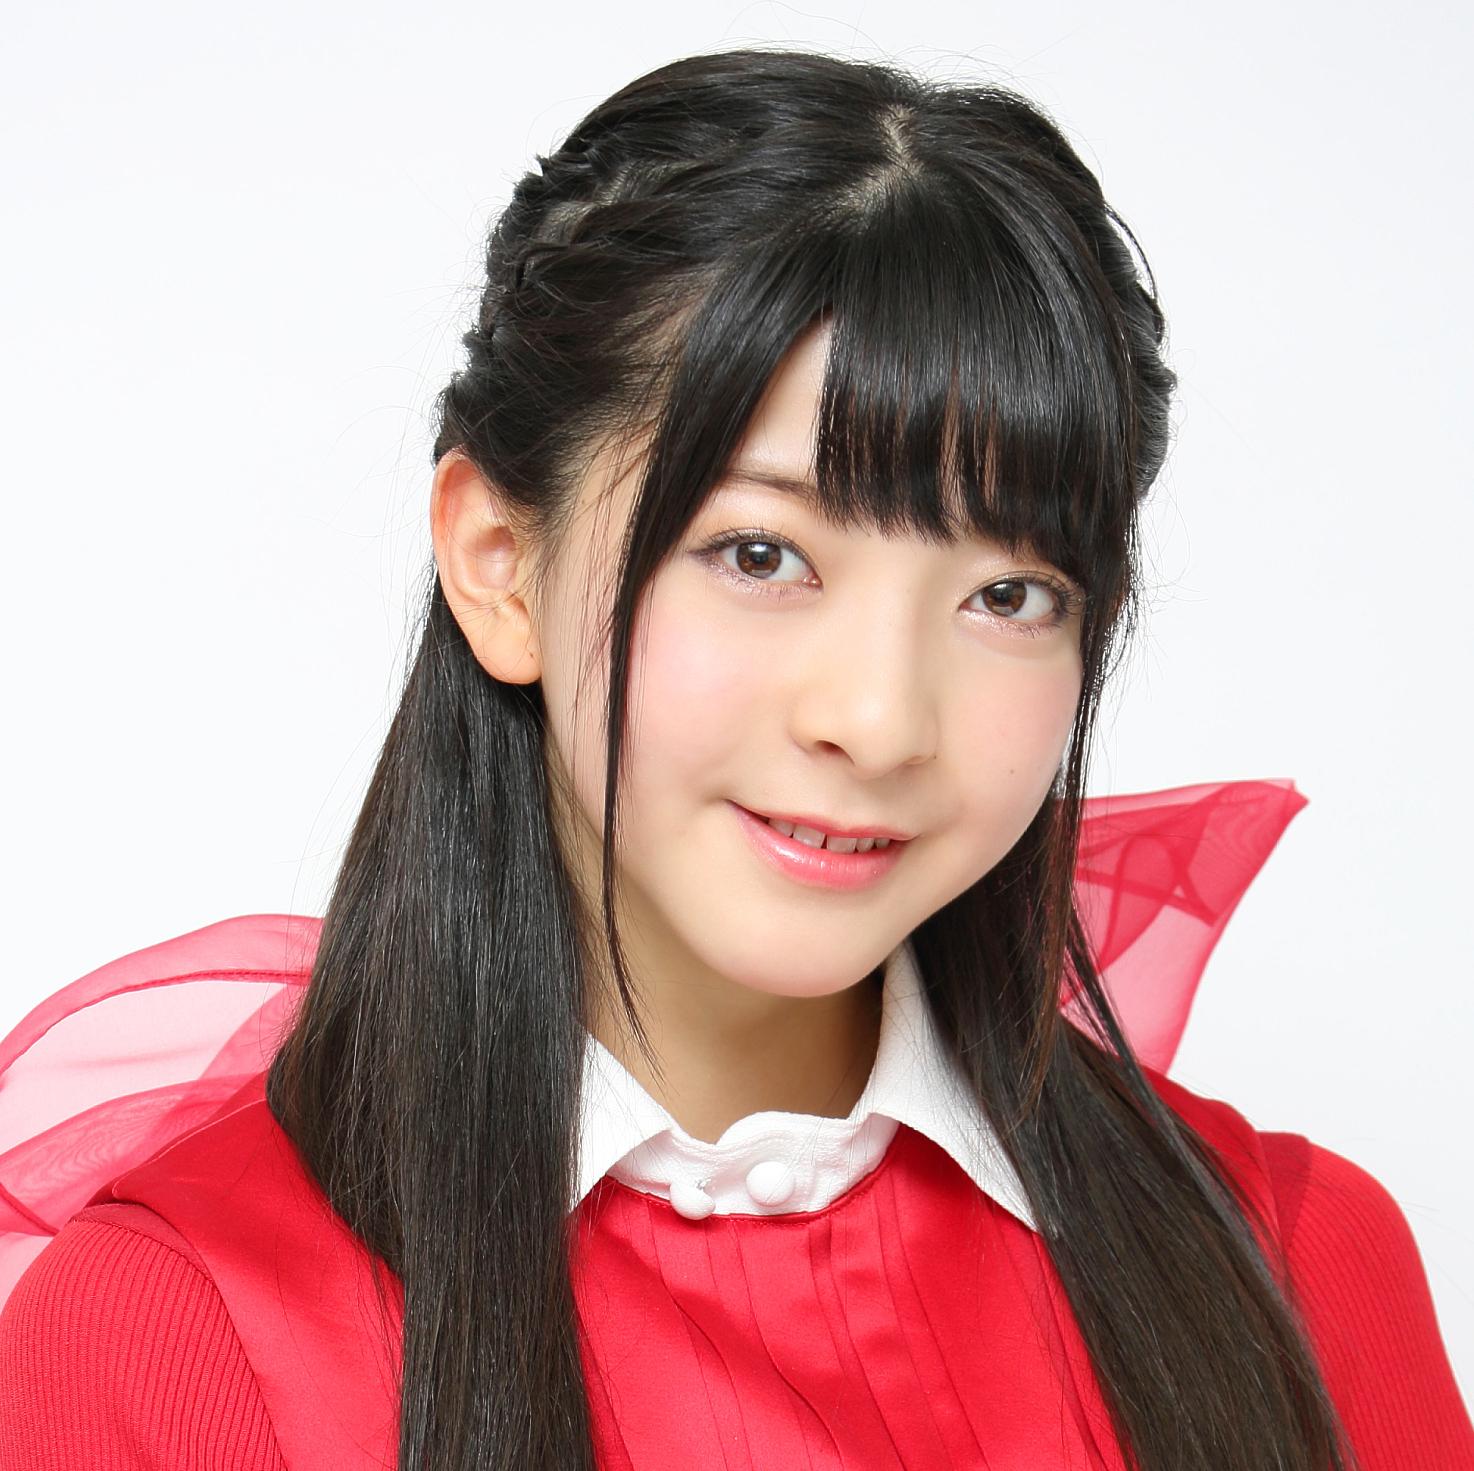 NGT48菅原りこ「メンバーのみんなから天然って言われるんですけど、そんなことないですよ!」